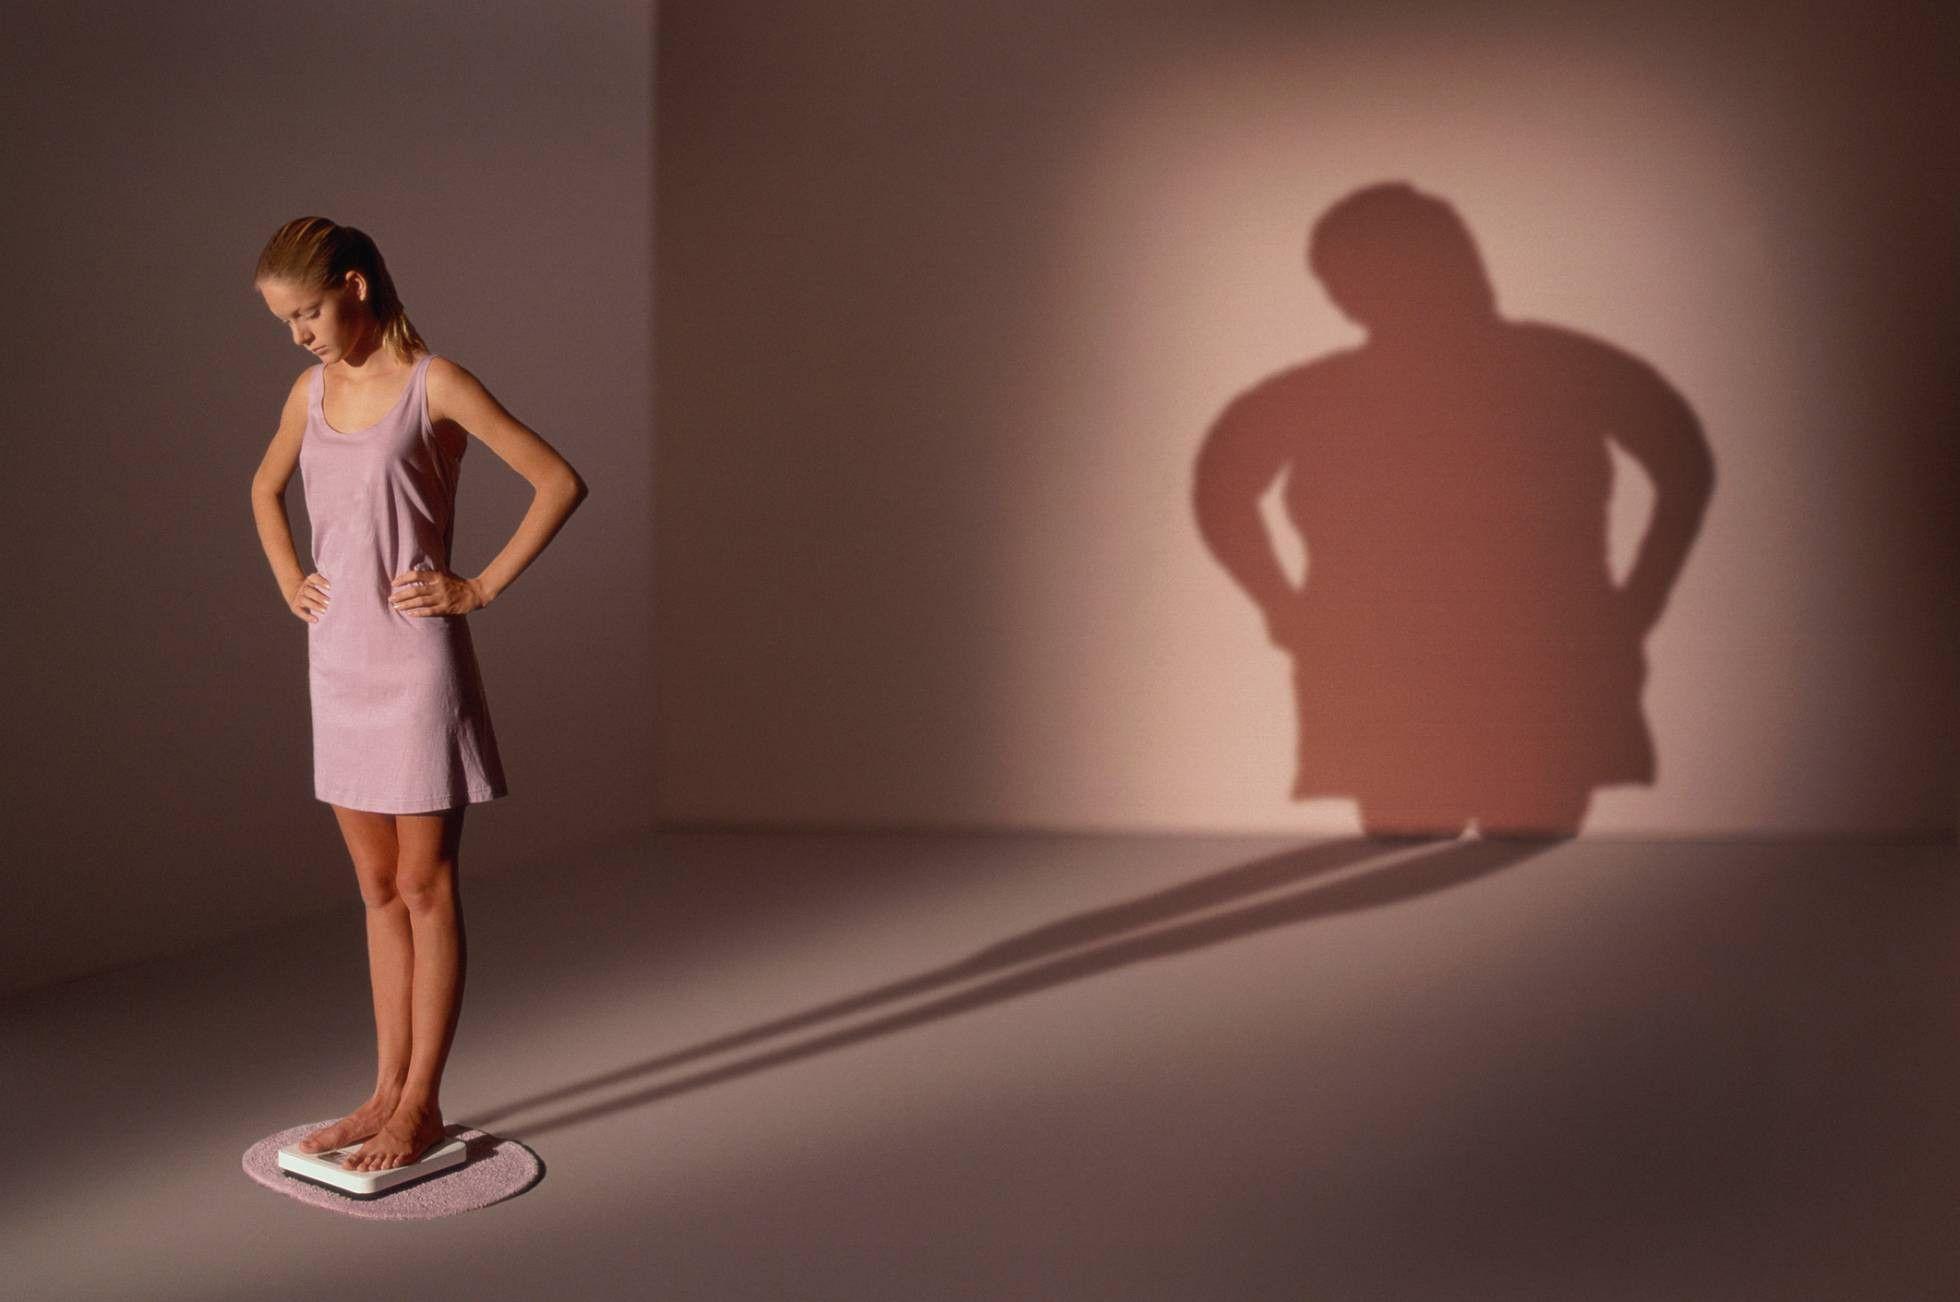 Электричество поможет справиться с анорексией